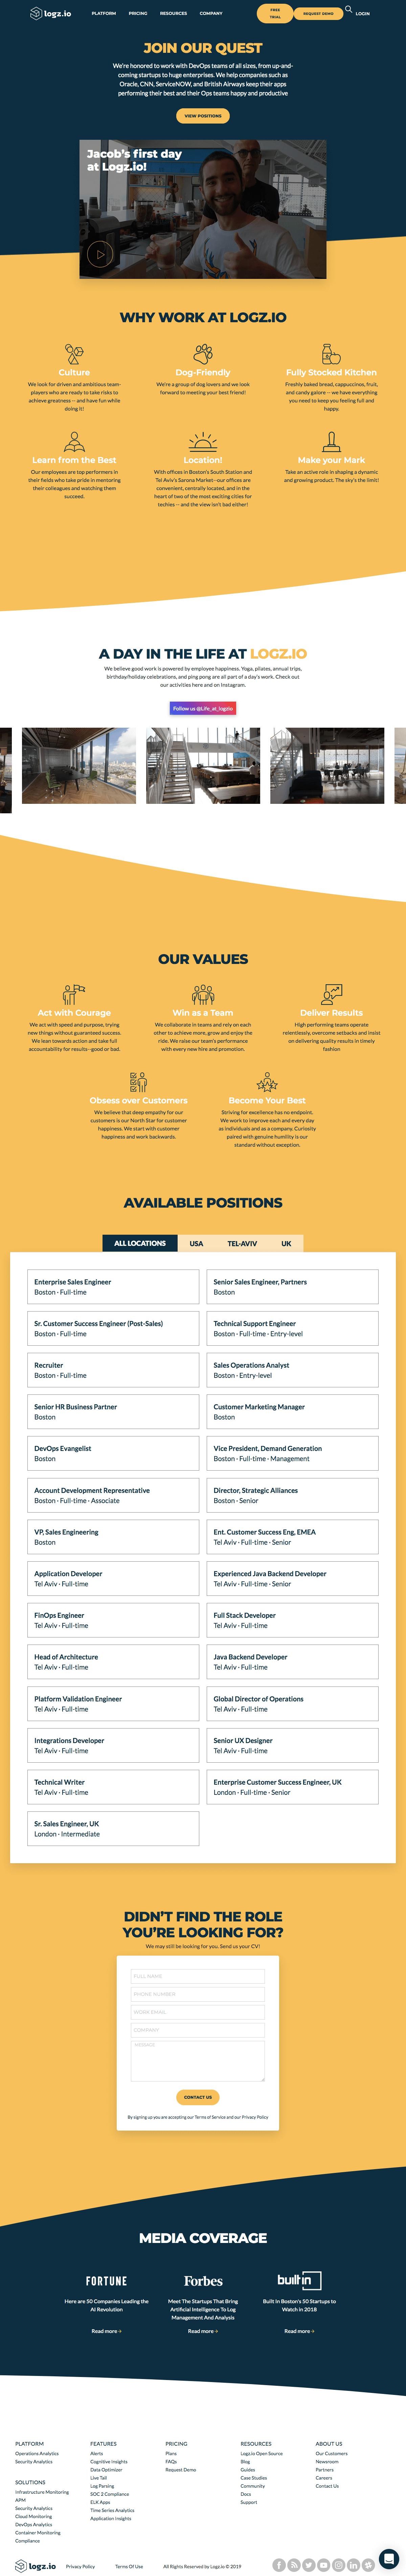 Logz.io - Career page